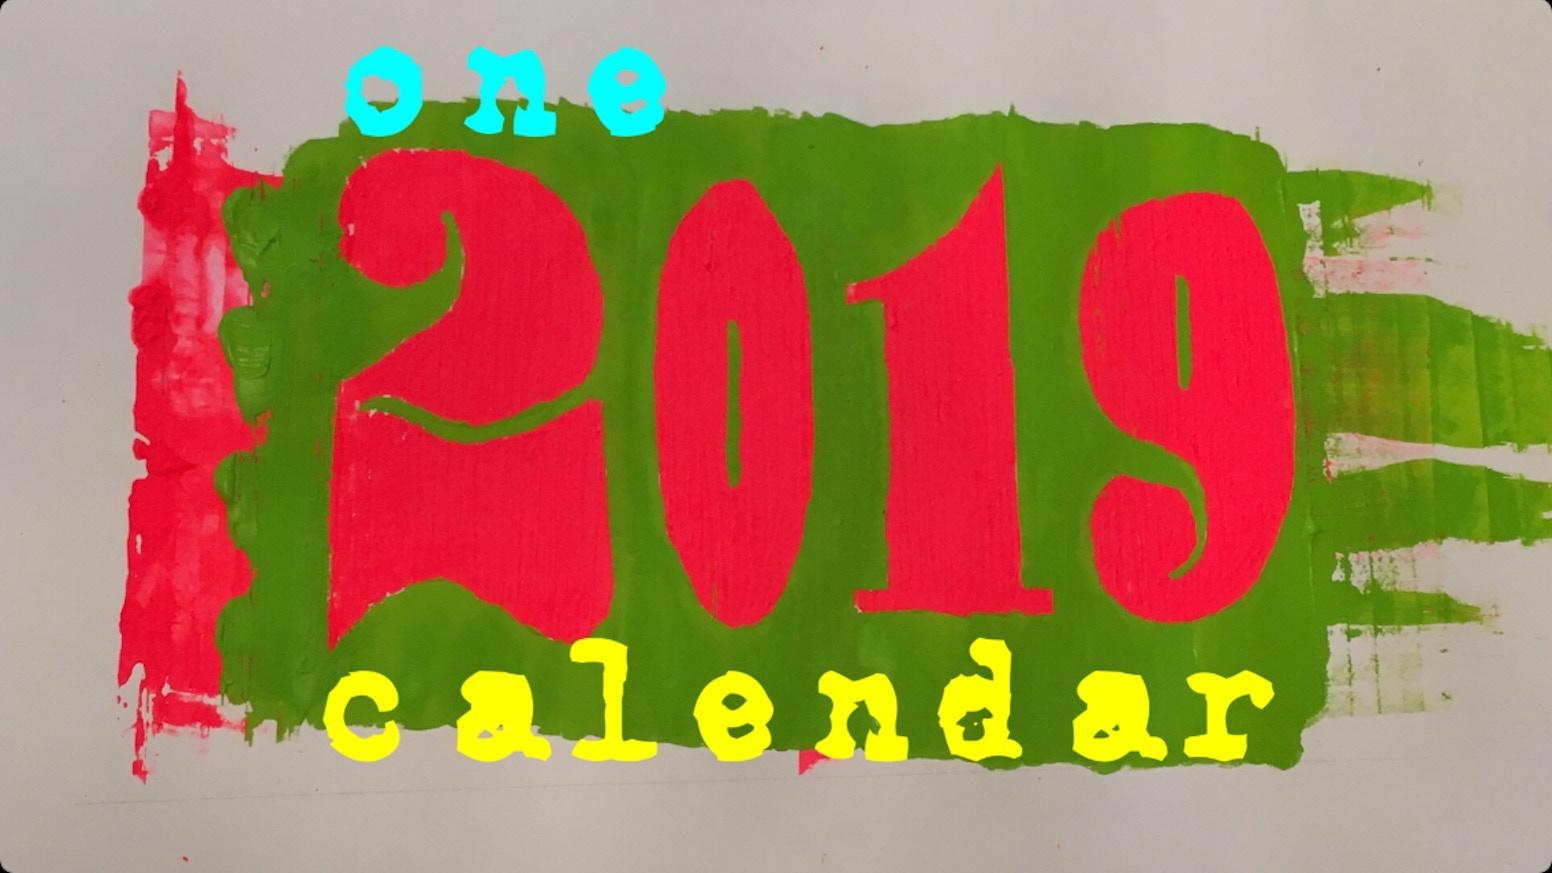 2019 Calendar by Wickham Works — Kickstarter